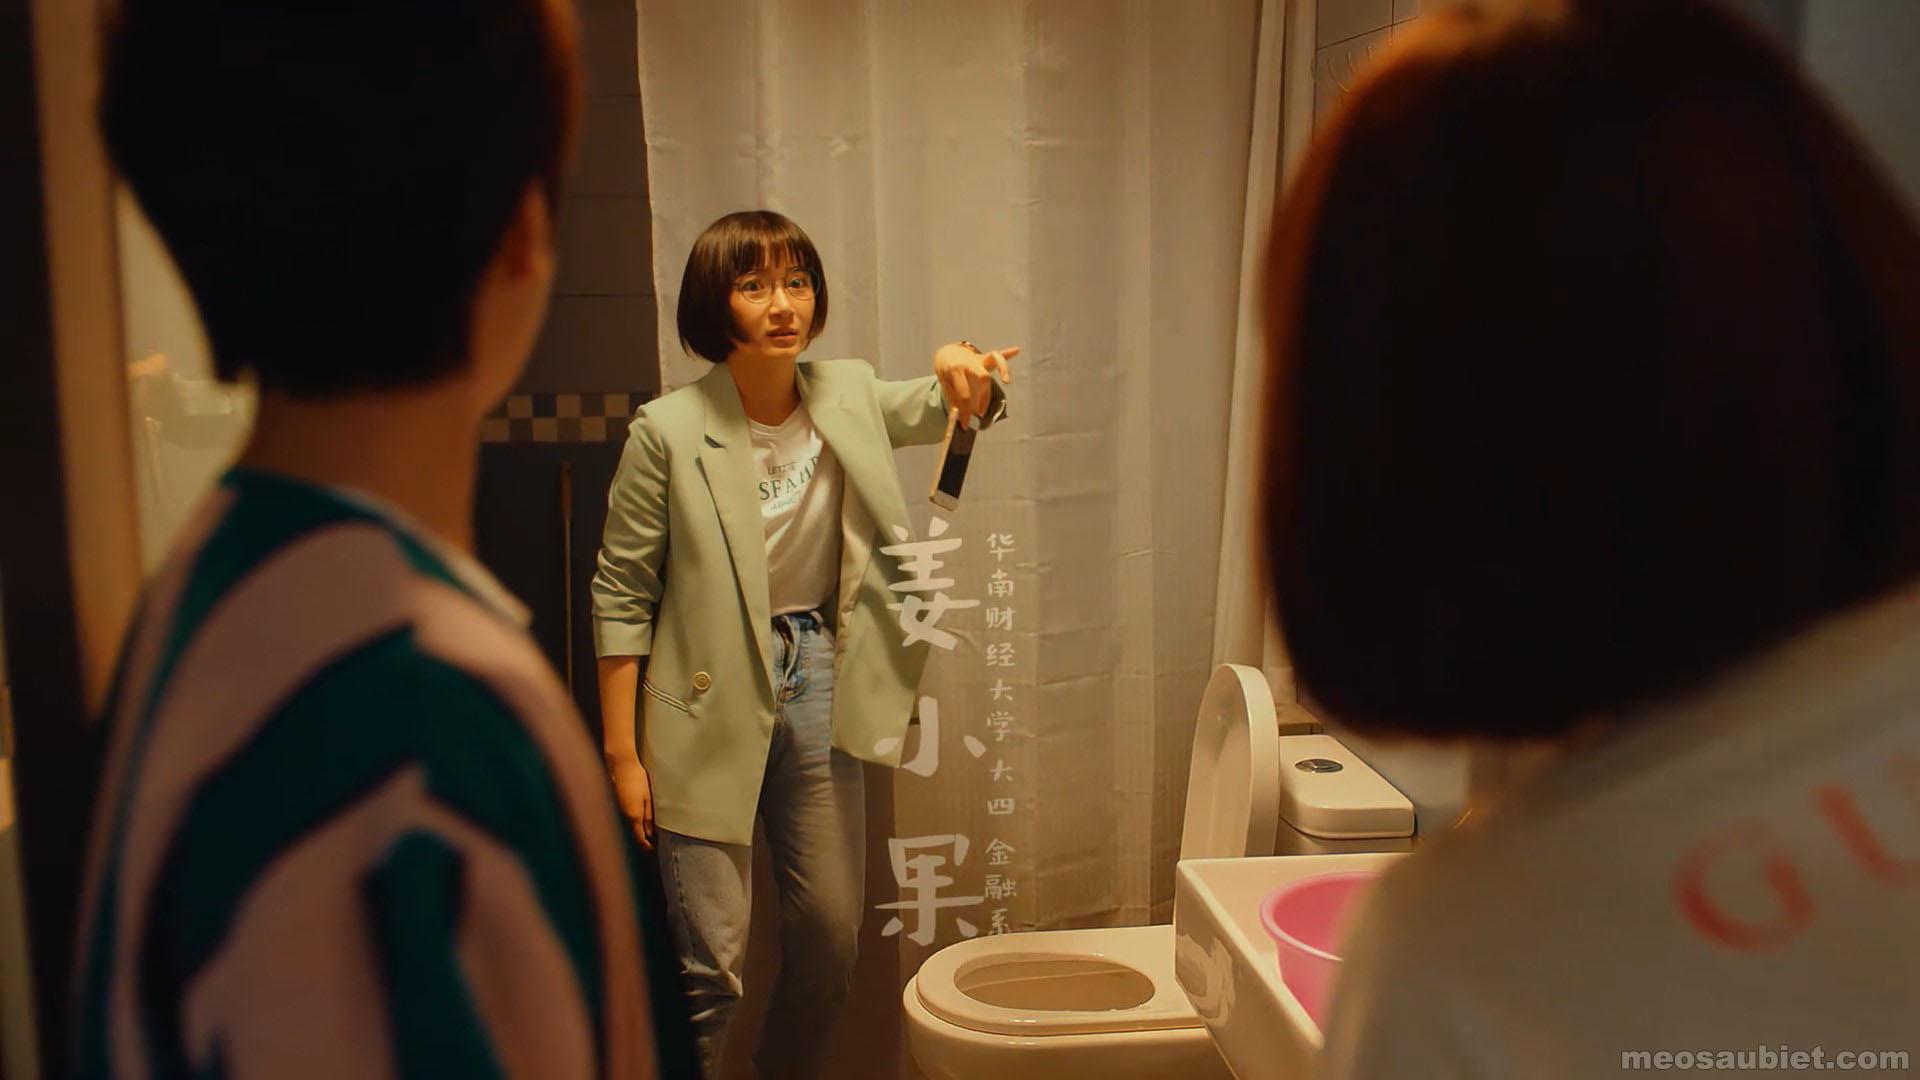 Tuổi hai mươi tuổi chững chạc 2020 Bốc Quan Kim trong vai Khương Tiểu Quả